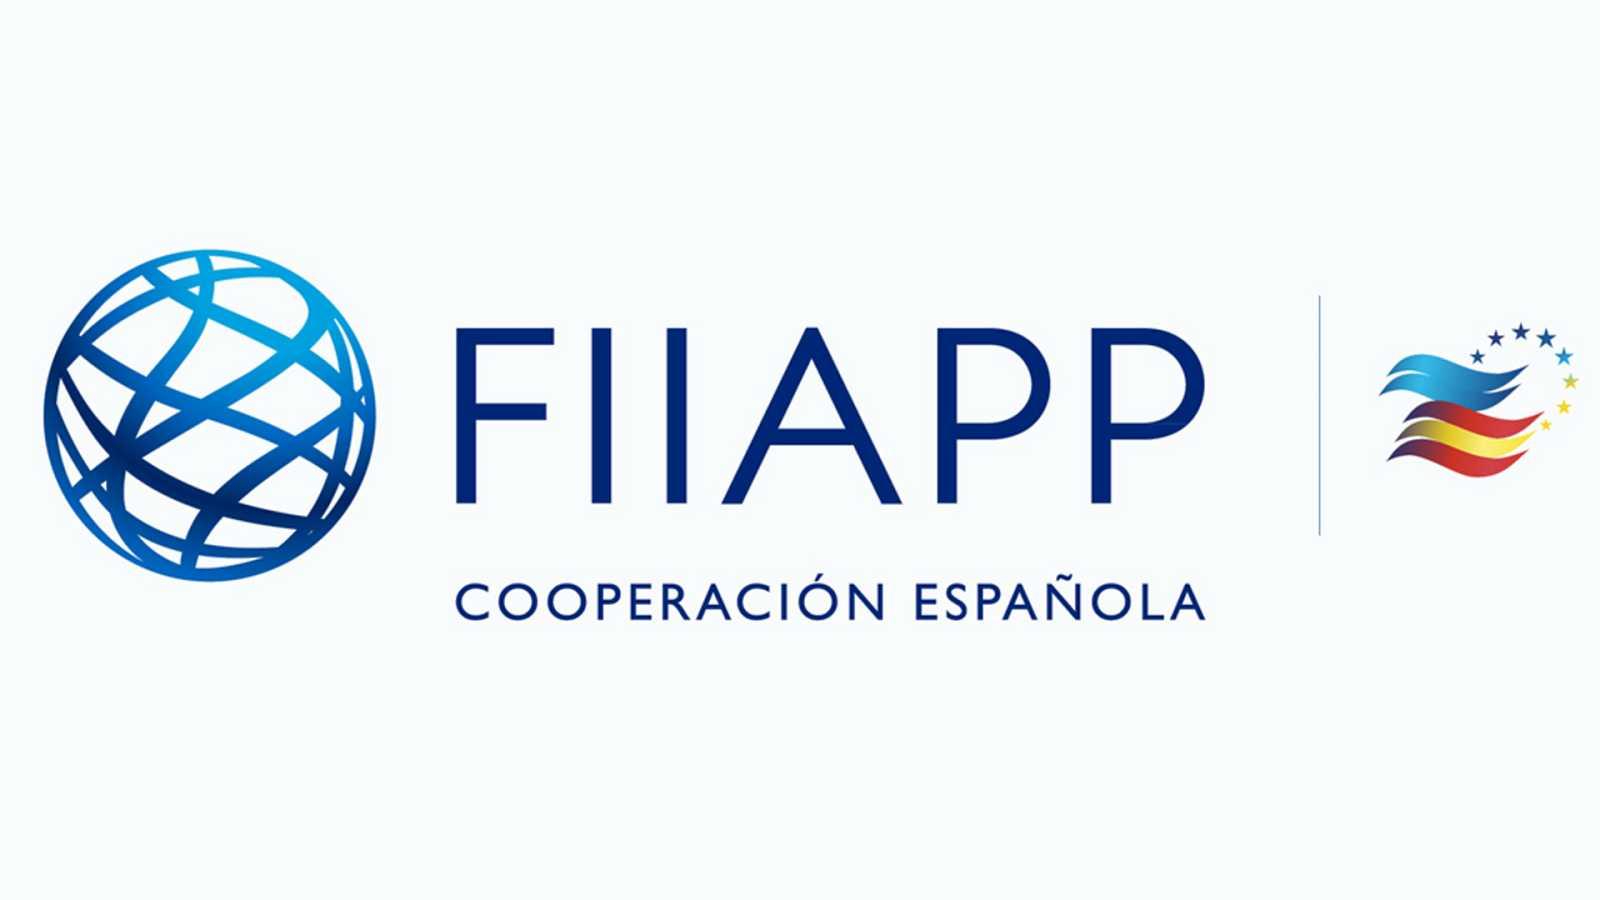 Cooperación pública en el mundo (FIAPP) - La Agenda 2030, el caso de Paraguay - 16/06/21 - escuchar ahora